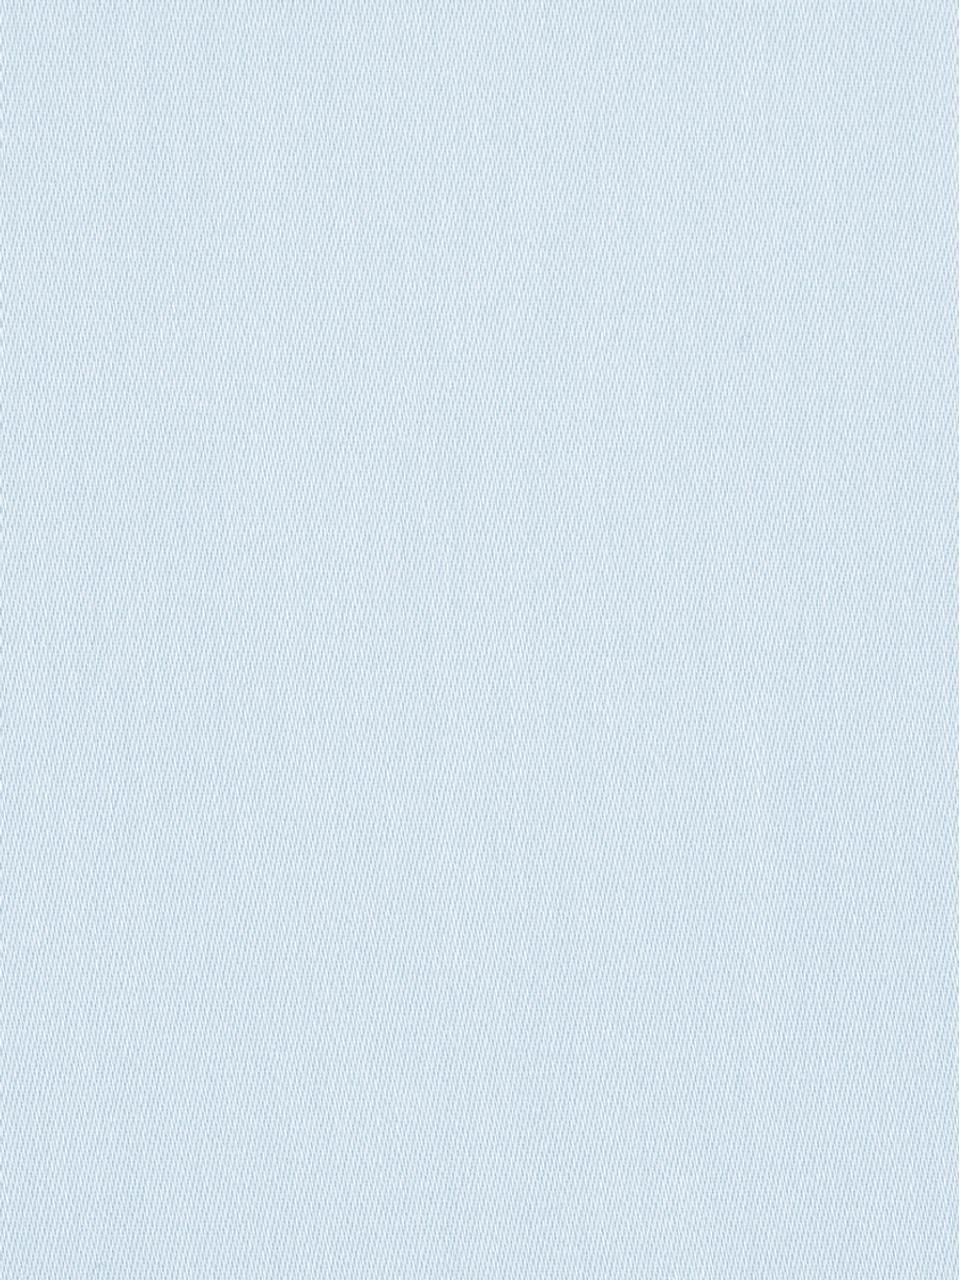 Pościel z satyny bawełnianej Comfort, Jasny niebieski, 135 x 200 cm